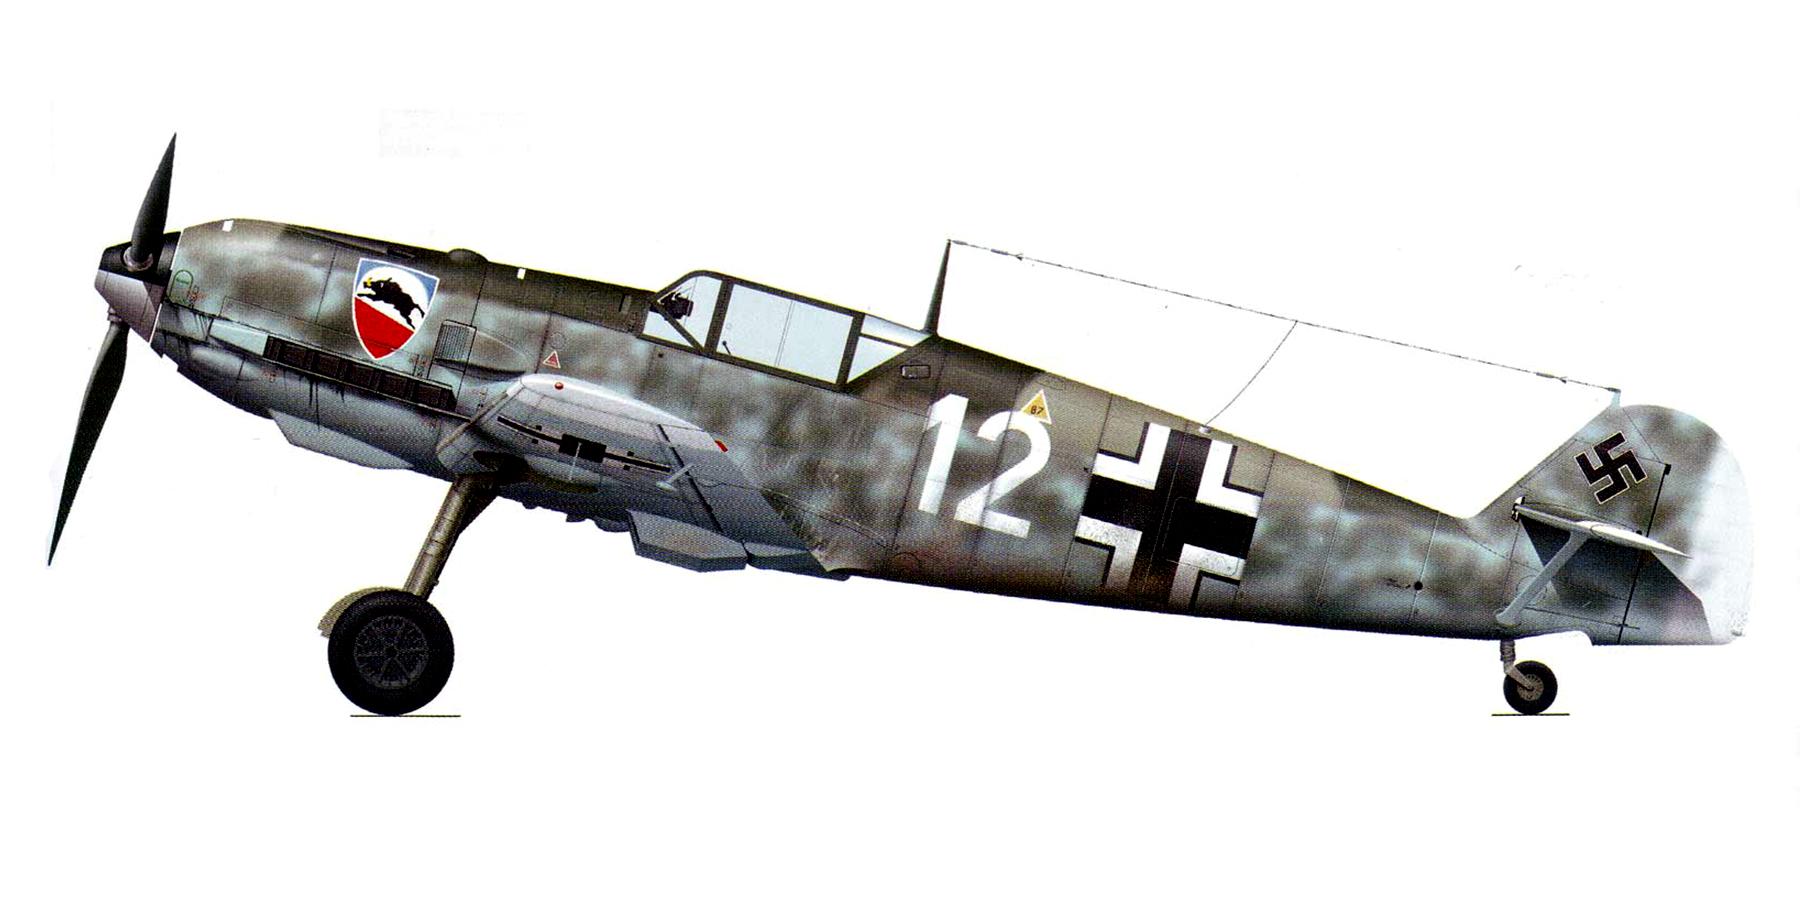 Messerschmitt Bf 109E4 1.JG52 White 12 Heinz Uerlings crash landed UK 2nd Sep 1940 01 0A